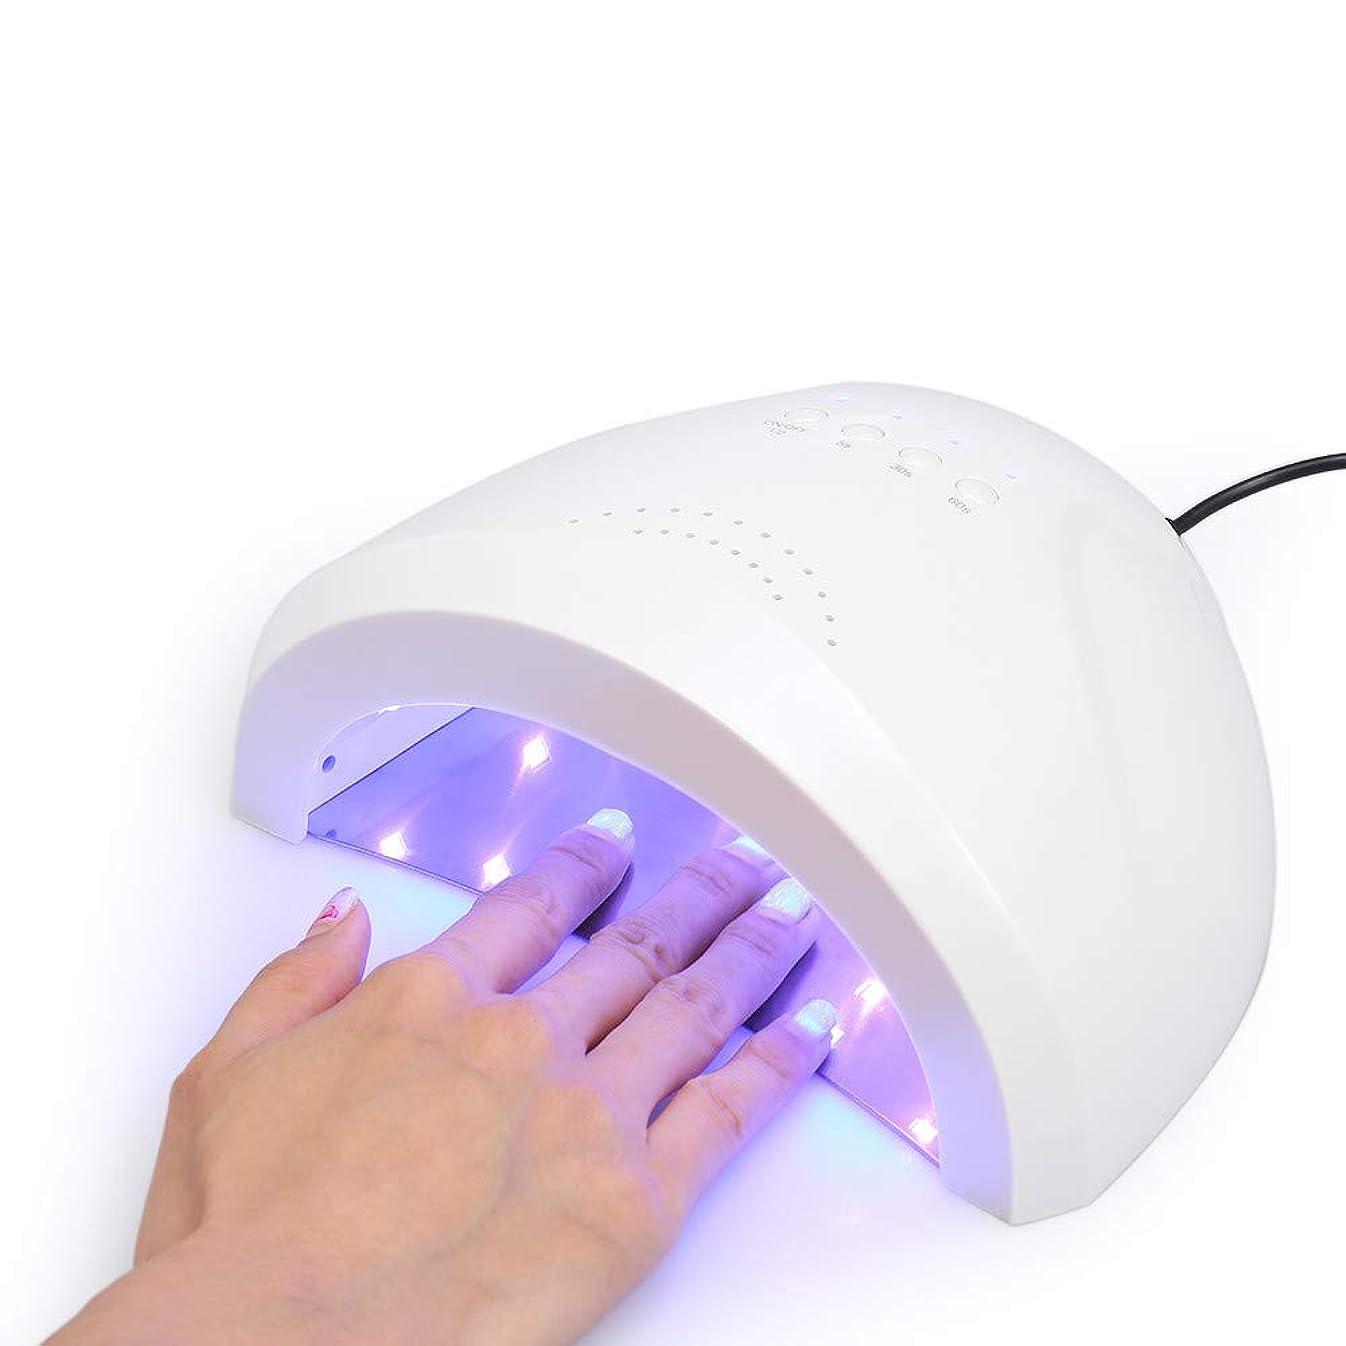 ポインタ長さビートLED UVランプ ネイルドライヤー 爪&足指のゲル硬化 ホワイトライトヒーターマシン ネイルアートペインティング サロンツールセット 48W 乾燥機 すべてのゲルネイル用 アート硬化ランプ